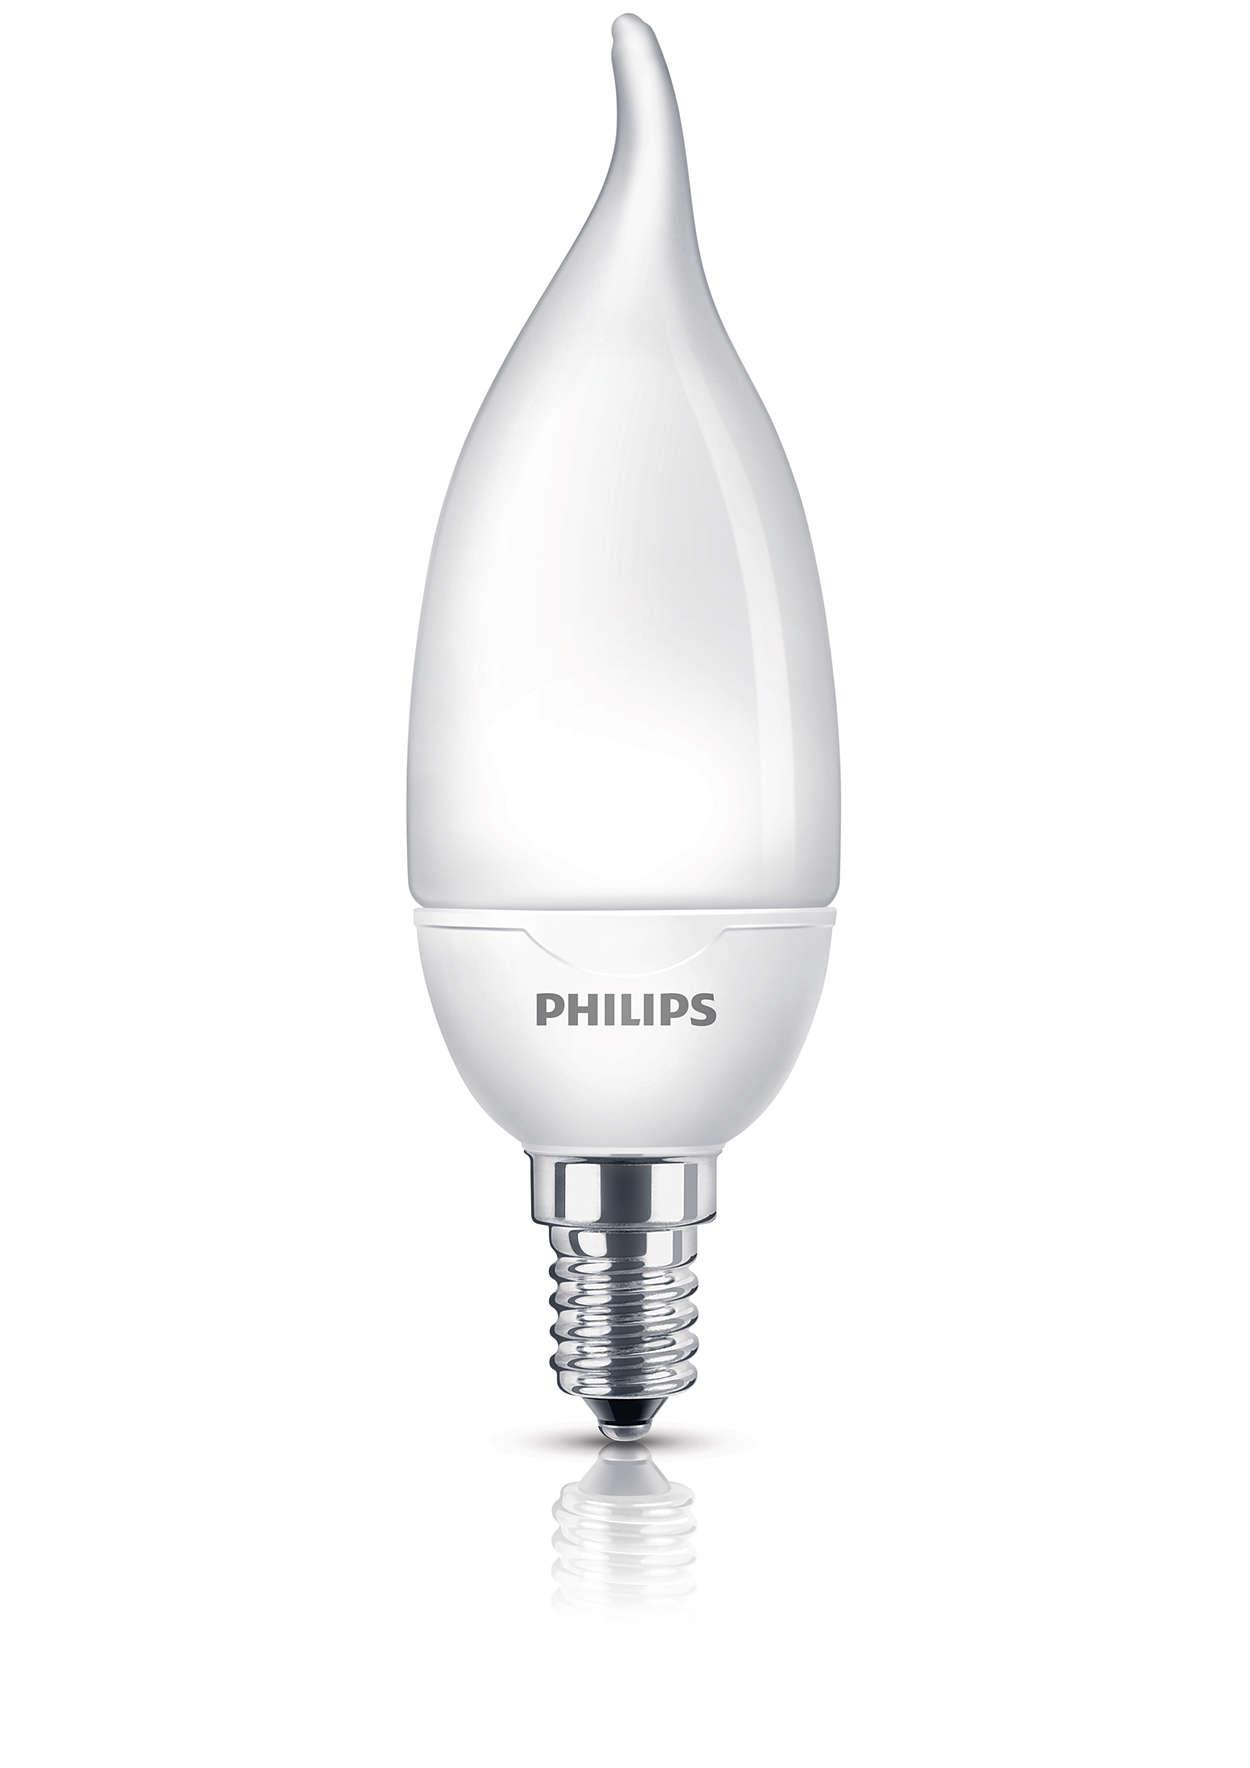 Mjukt och behagligt ljus från en energibesparande lampa